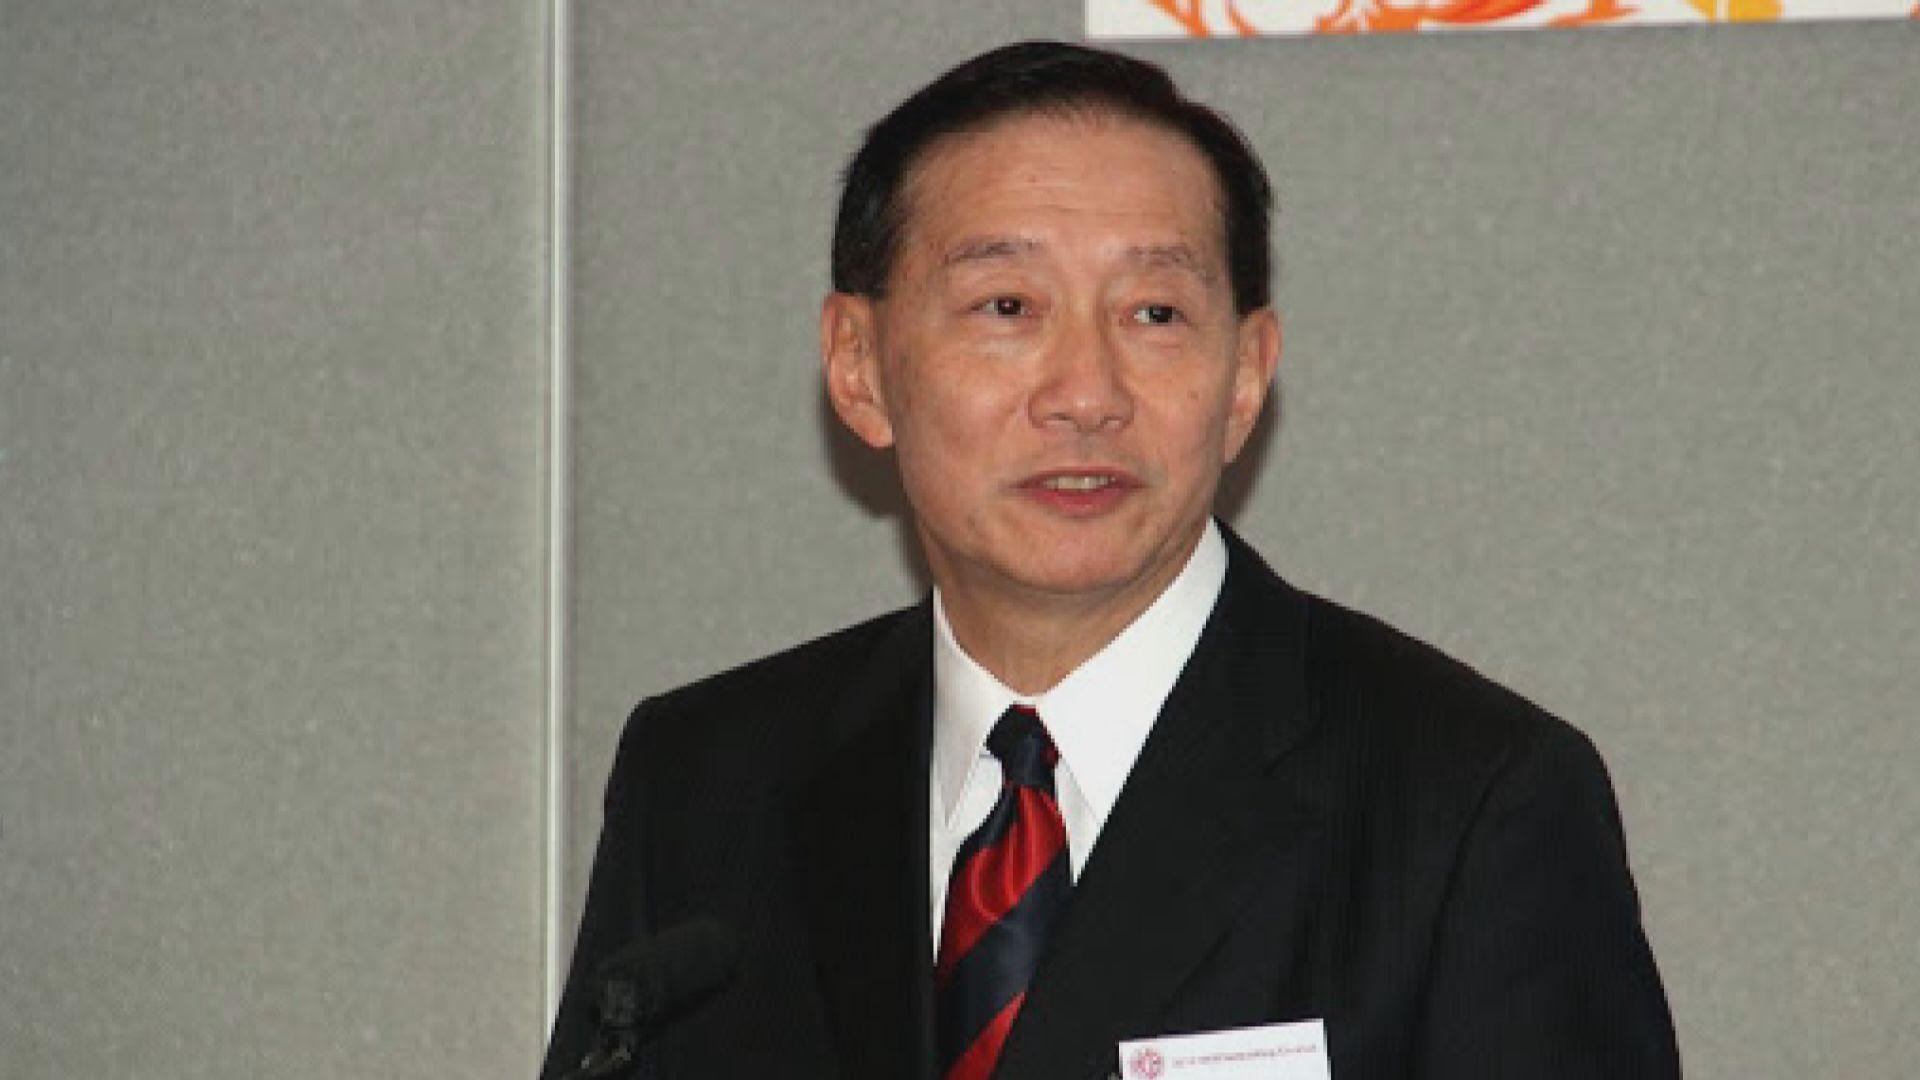 滙豐王冬勝:港區國安法是一個正確方向